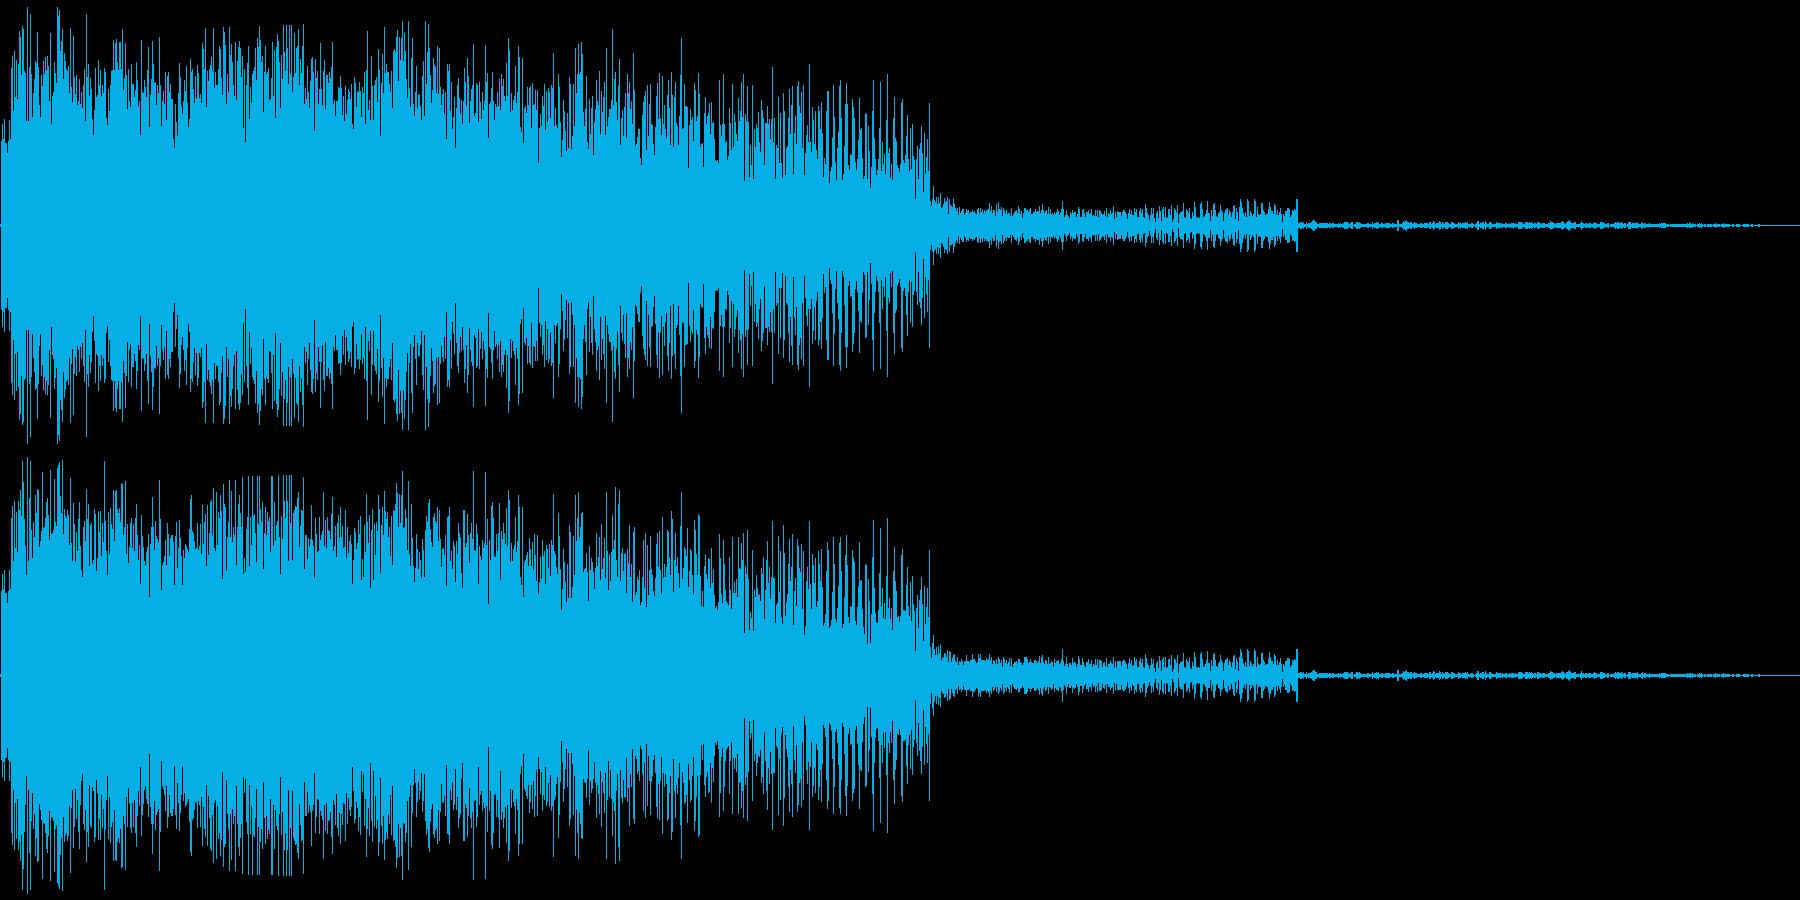 ビームライフル発射音 タイプ1の再生済みの波形